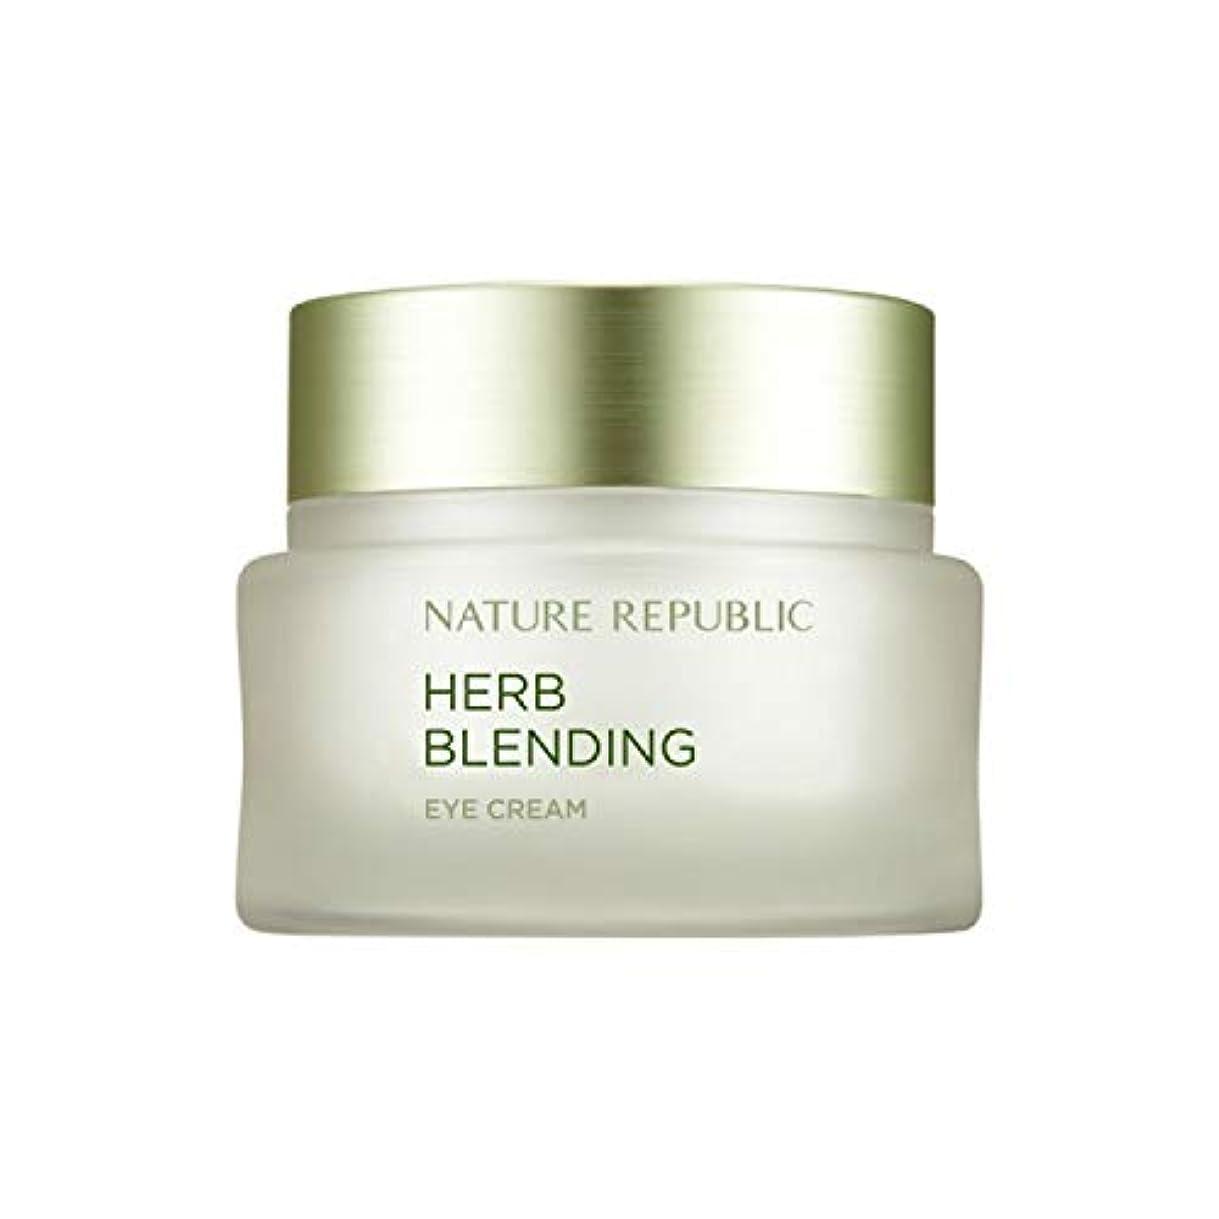 光沢気球非効率的なネイチャーリパブリック(Nature Republic)ハブブレンドアイクリーム 25ml / Herb Blending Eye Cream 25ml :: 韓国コスメ [並行輸入品]